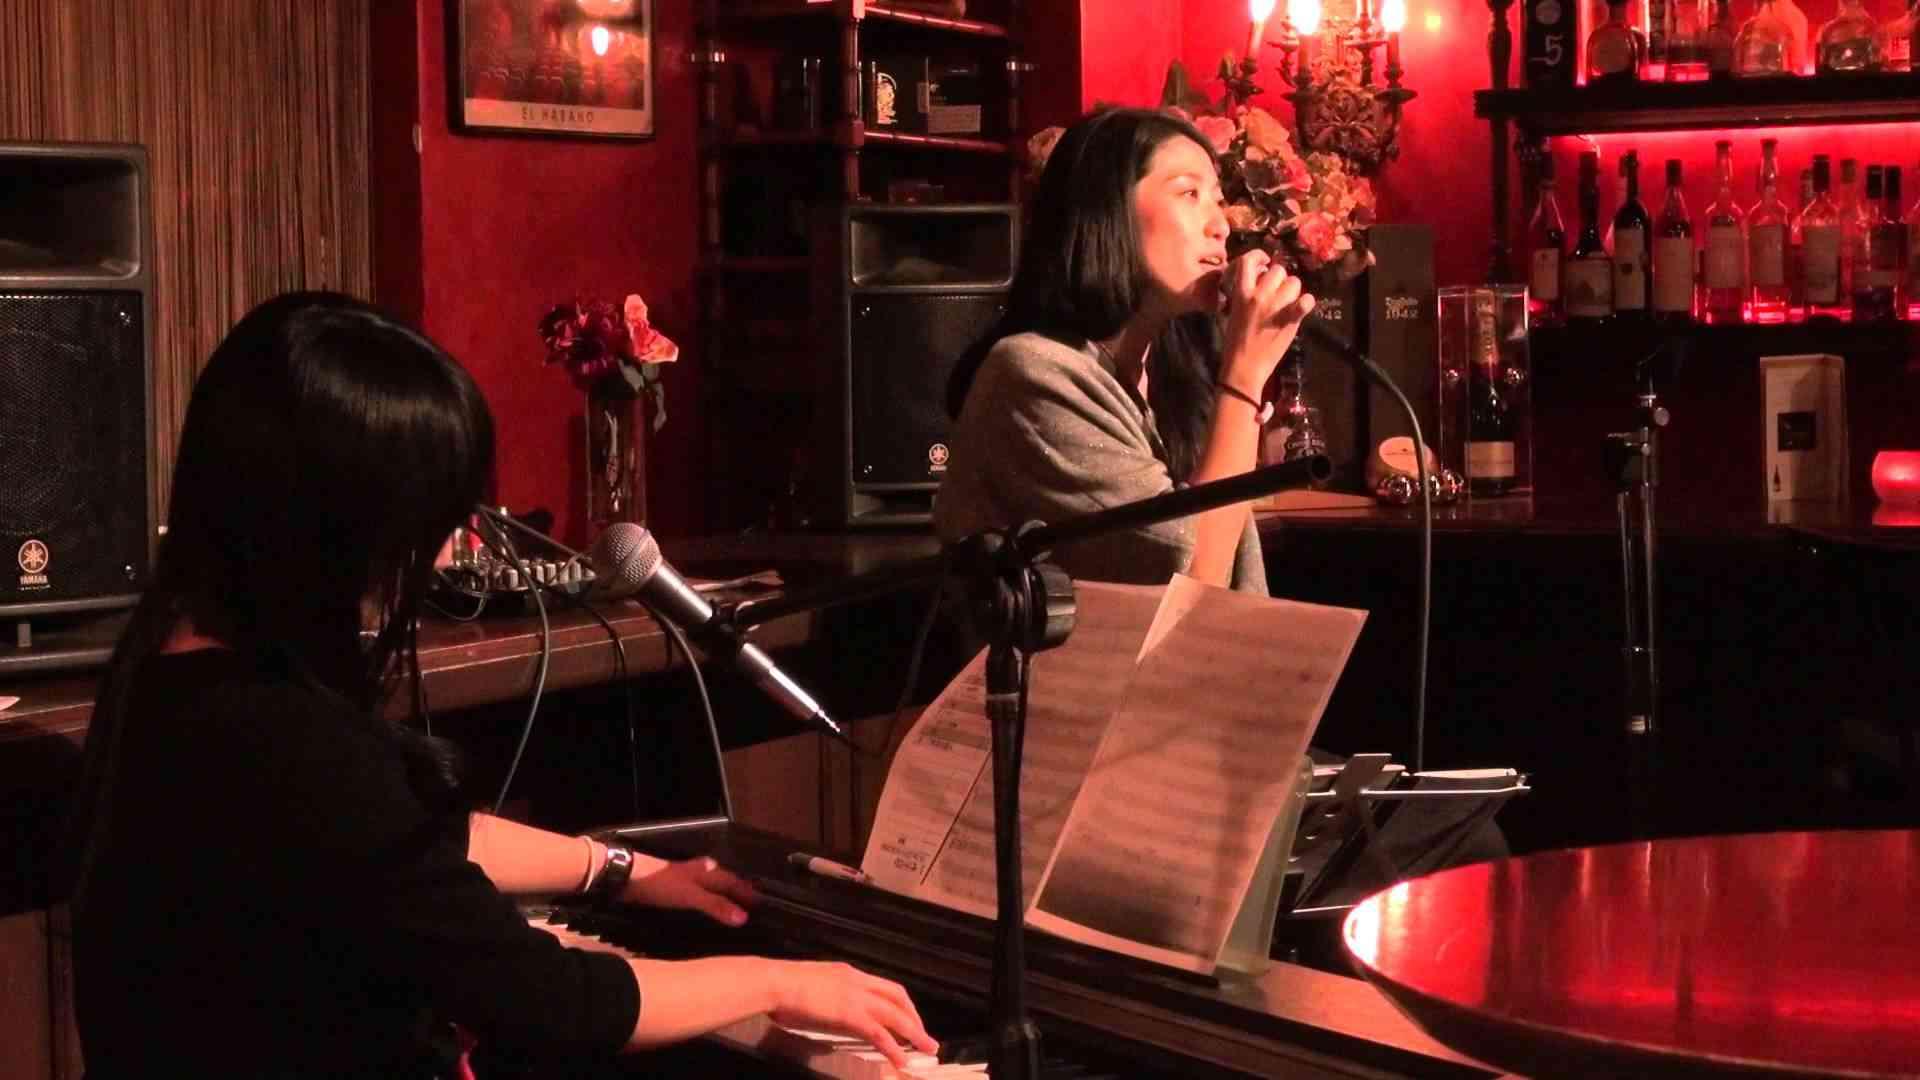 【ハロー】水野友恵 - YouTube